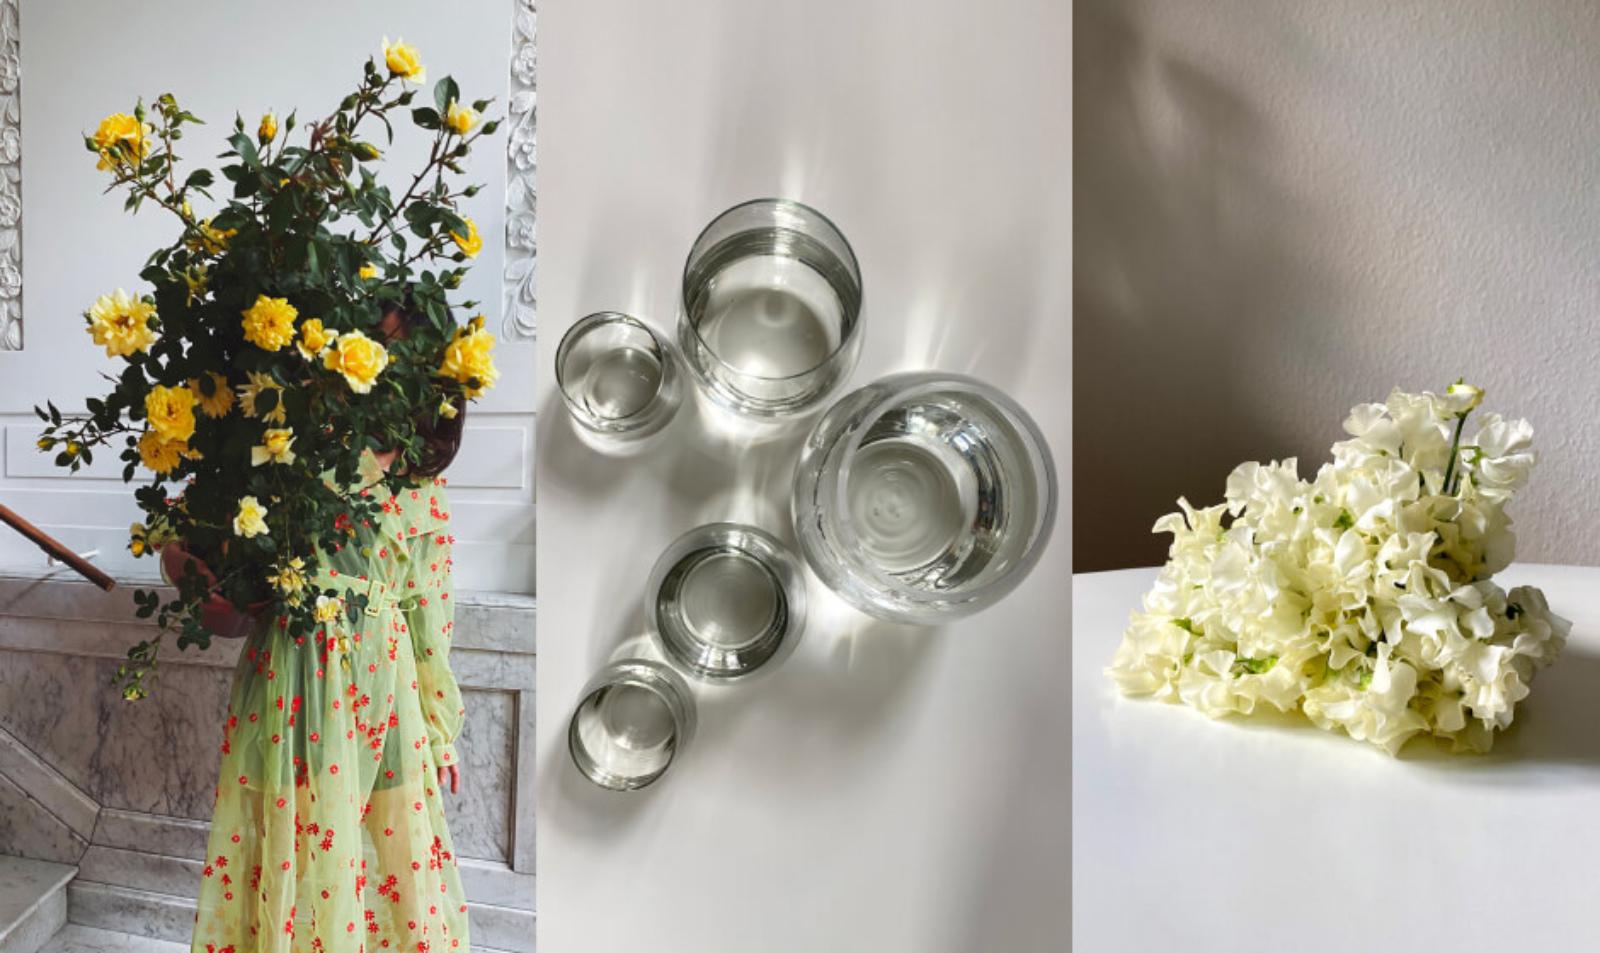 4 MONCLER SIMONE ROCHA Live Floral Workshop